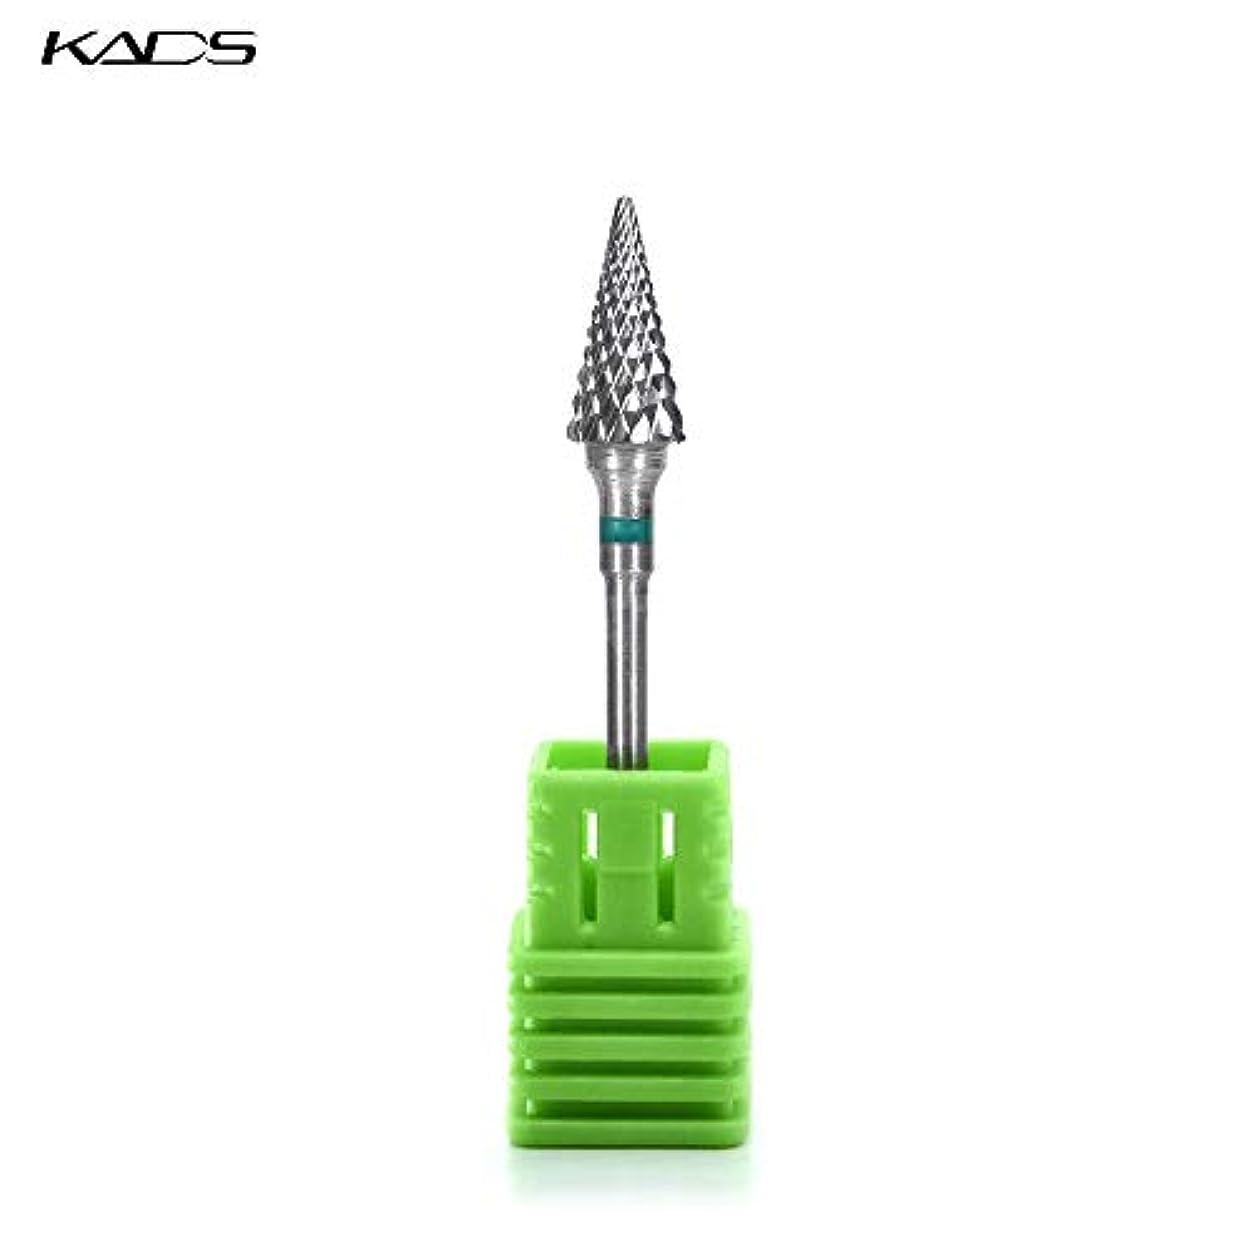 洗剤ホールドオールパステルKADS ネイルドリルビット 研削ヘッド 研磨ヘッド 耐摩耗性 耐腐食性 高硬度 (C)